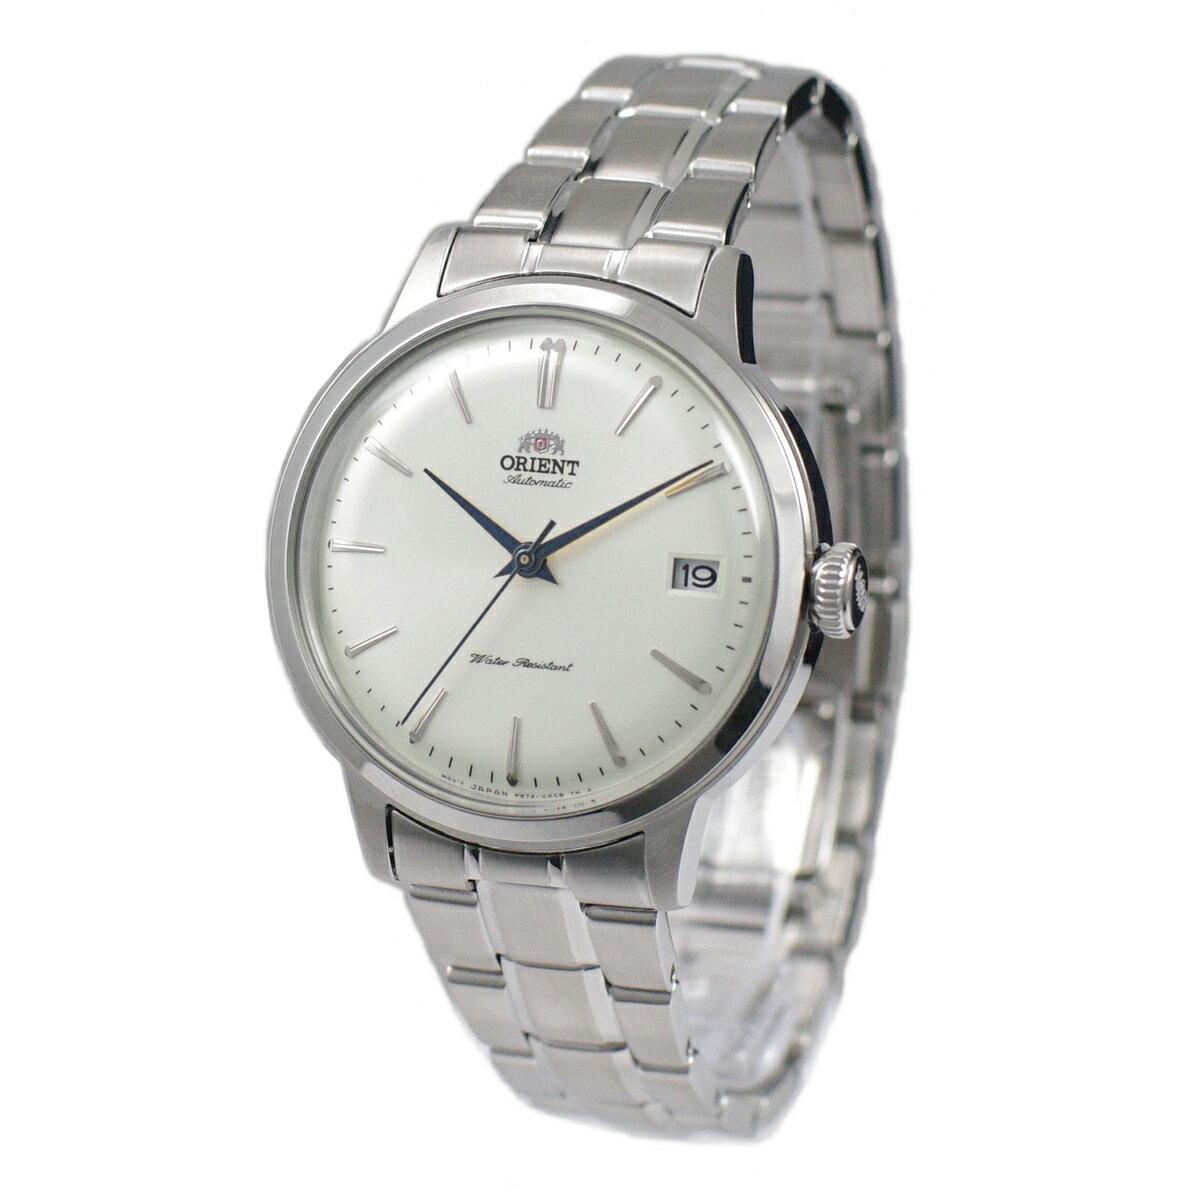 オリエント ORIENT 腕時計 バンビーノ AUTOMATIC 自動巻き(手巻付き) 海外モデル RA-AC0009S10B レディース [並行輸入品]